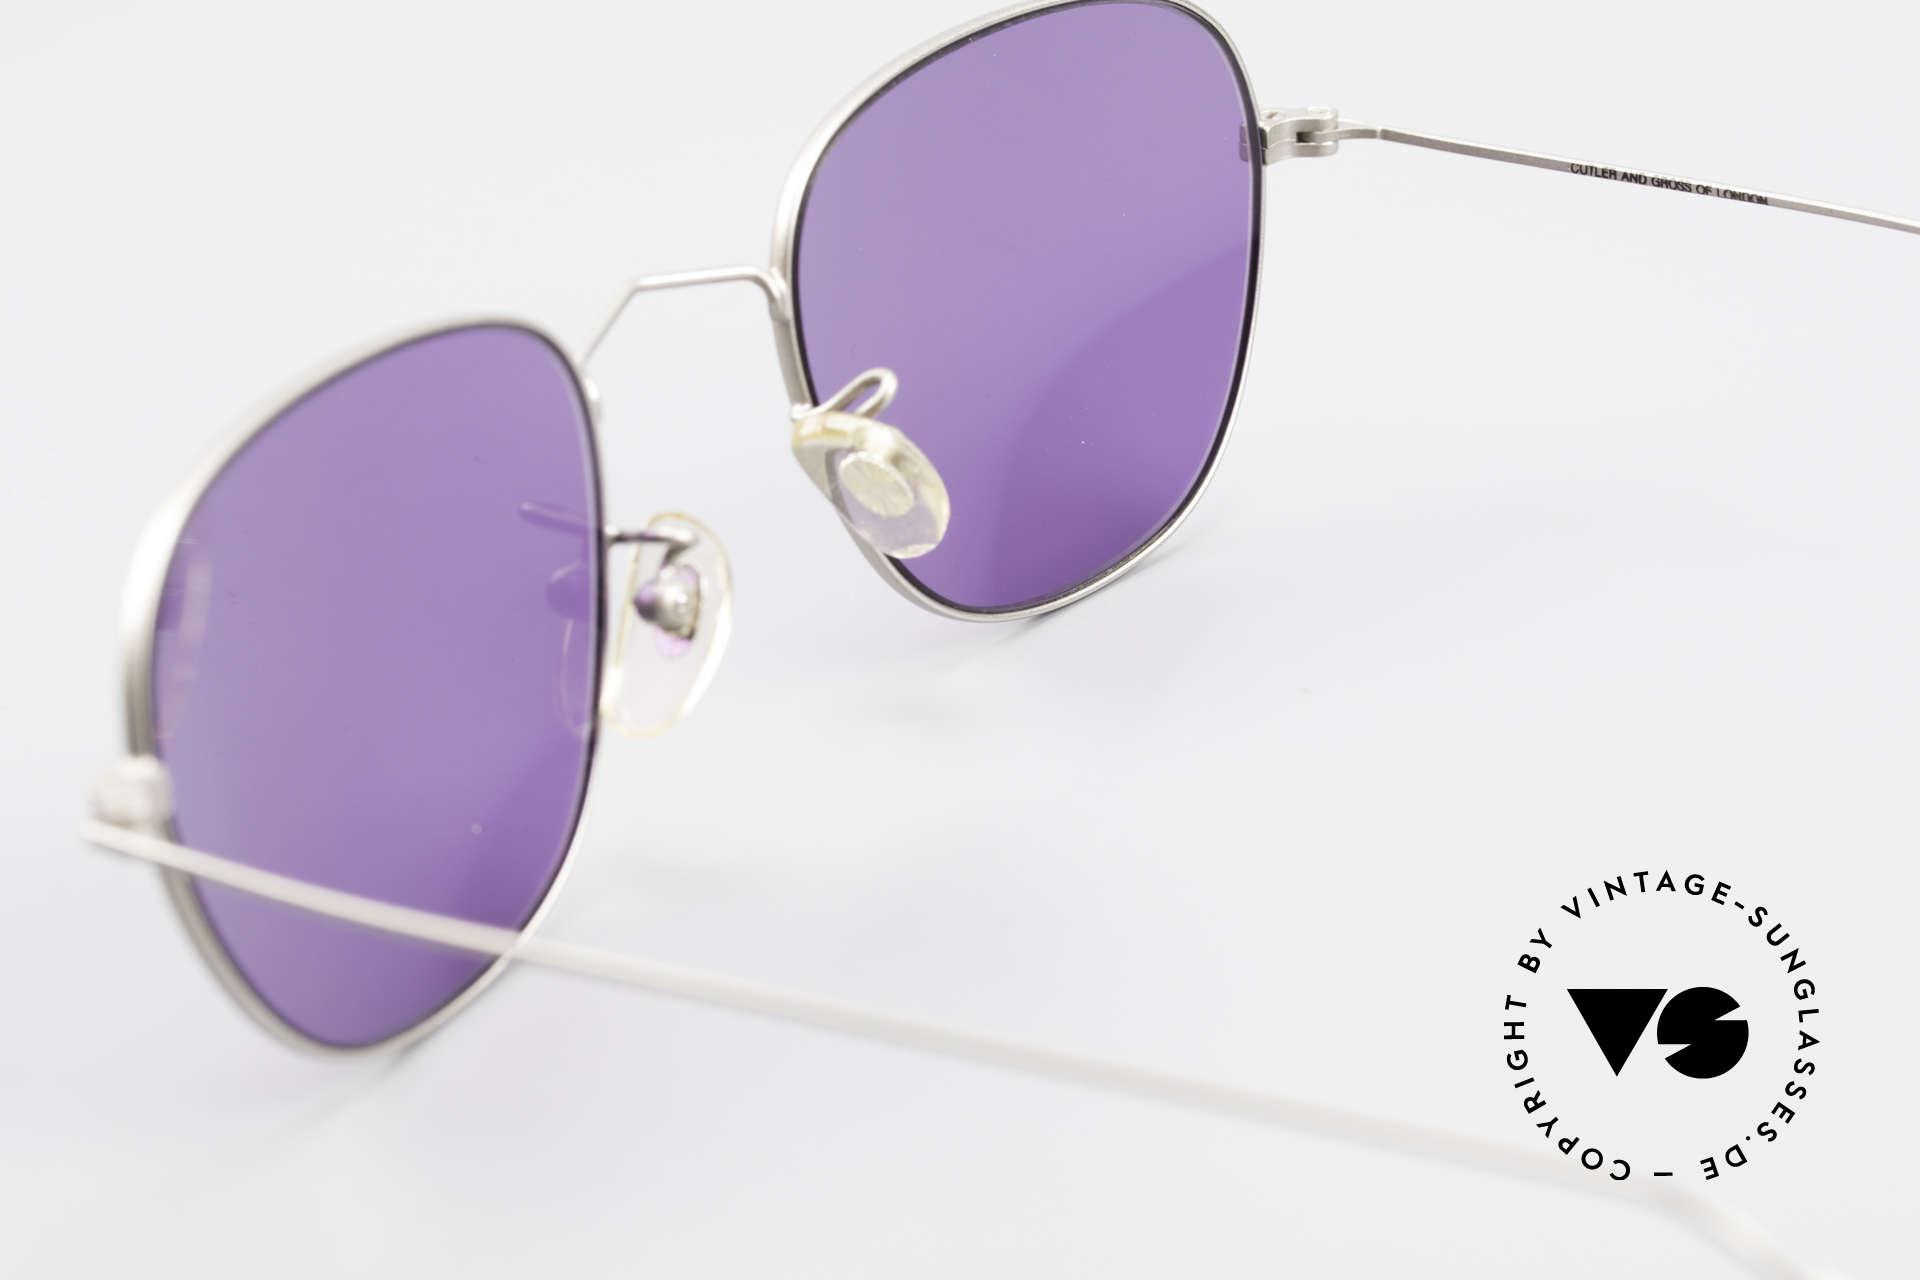 Cutler And Gross 0307 Klassische Vintage Brille 90er, KEINE Retrobrille, sondern ein 20 Jahre altes Original!, Passend für Herren und Damen